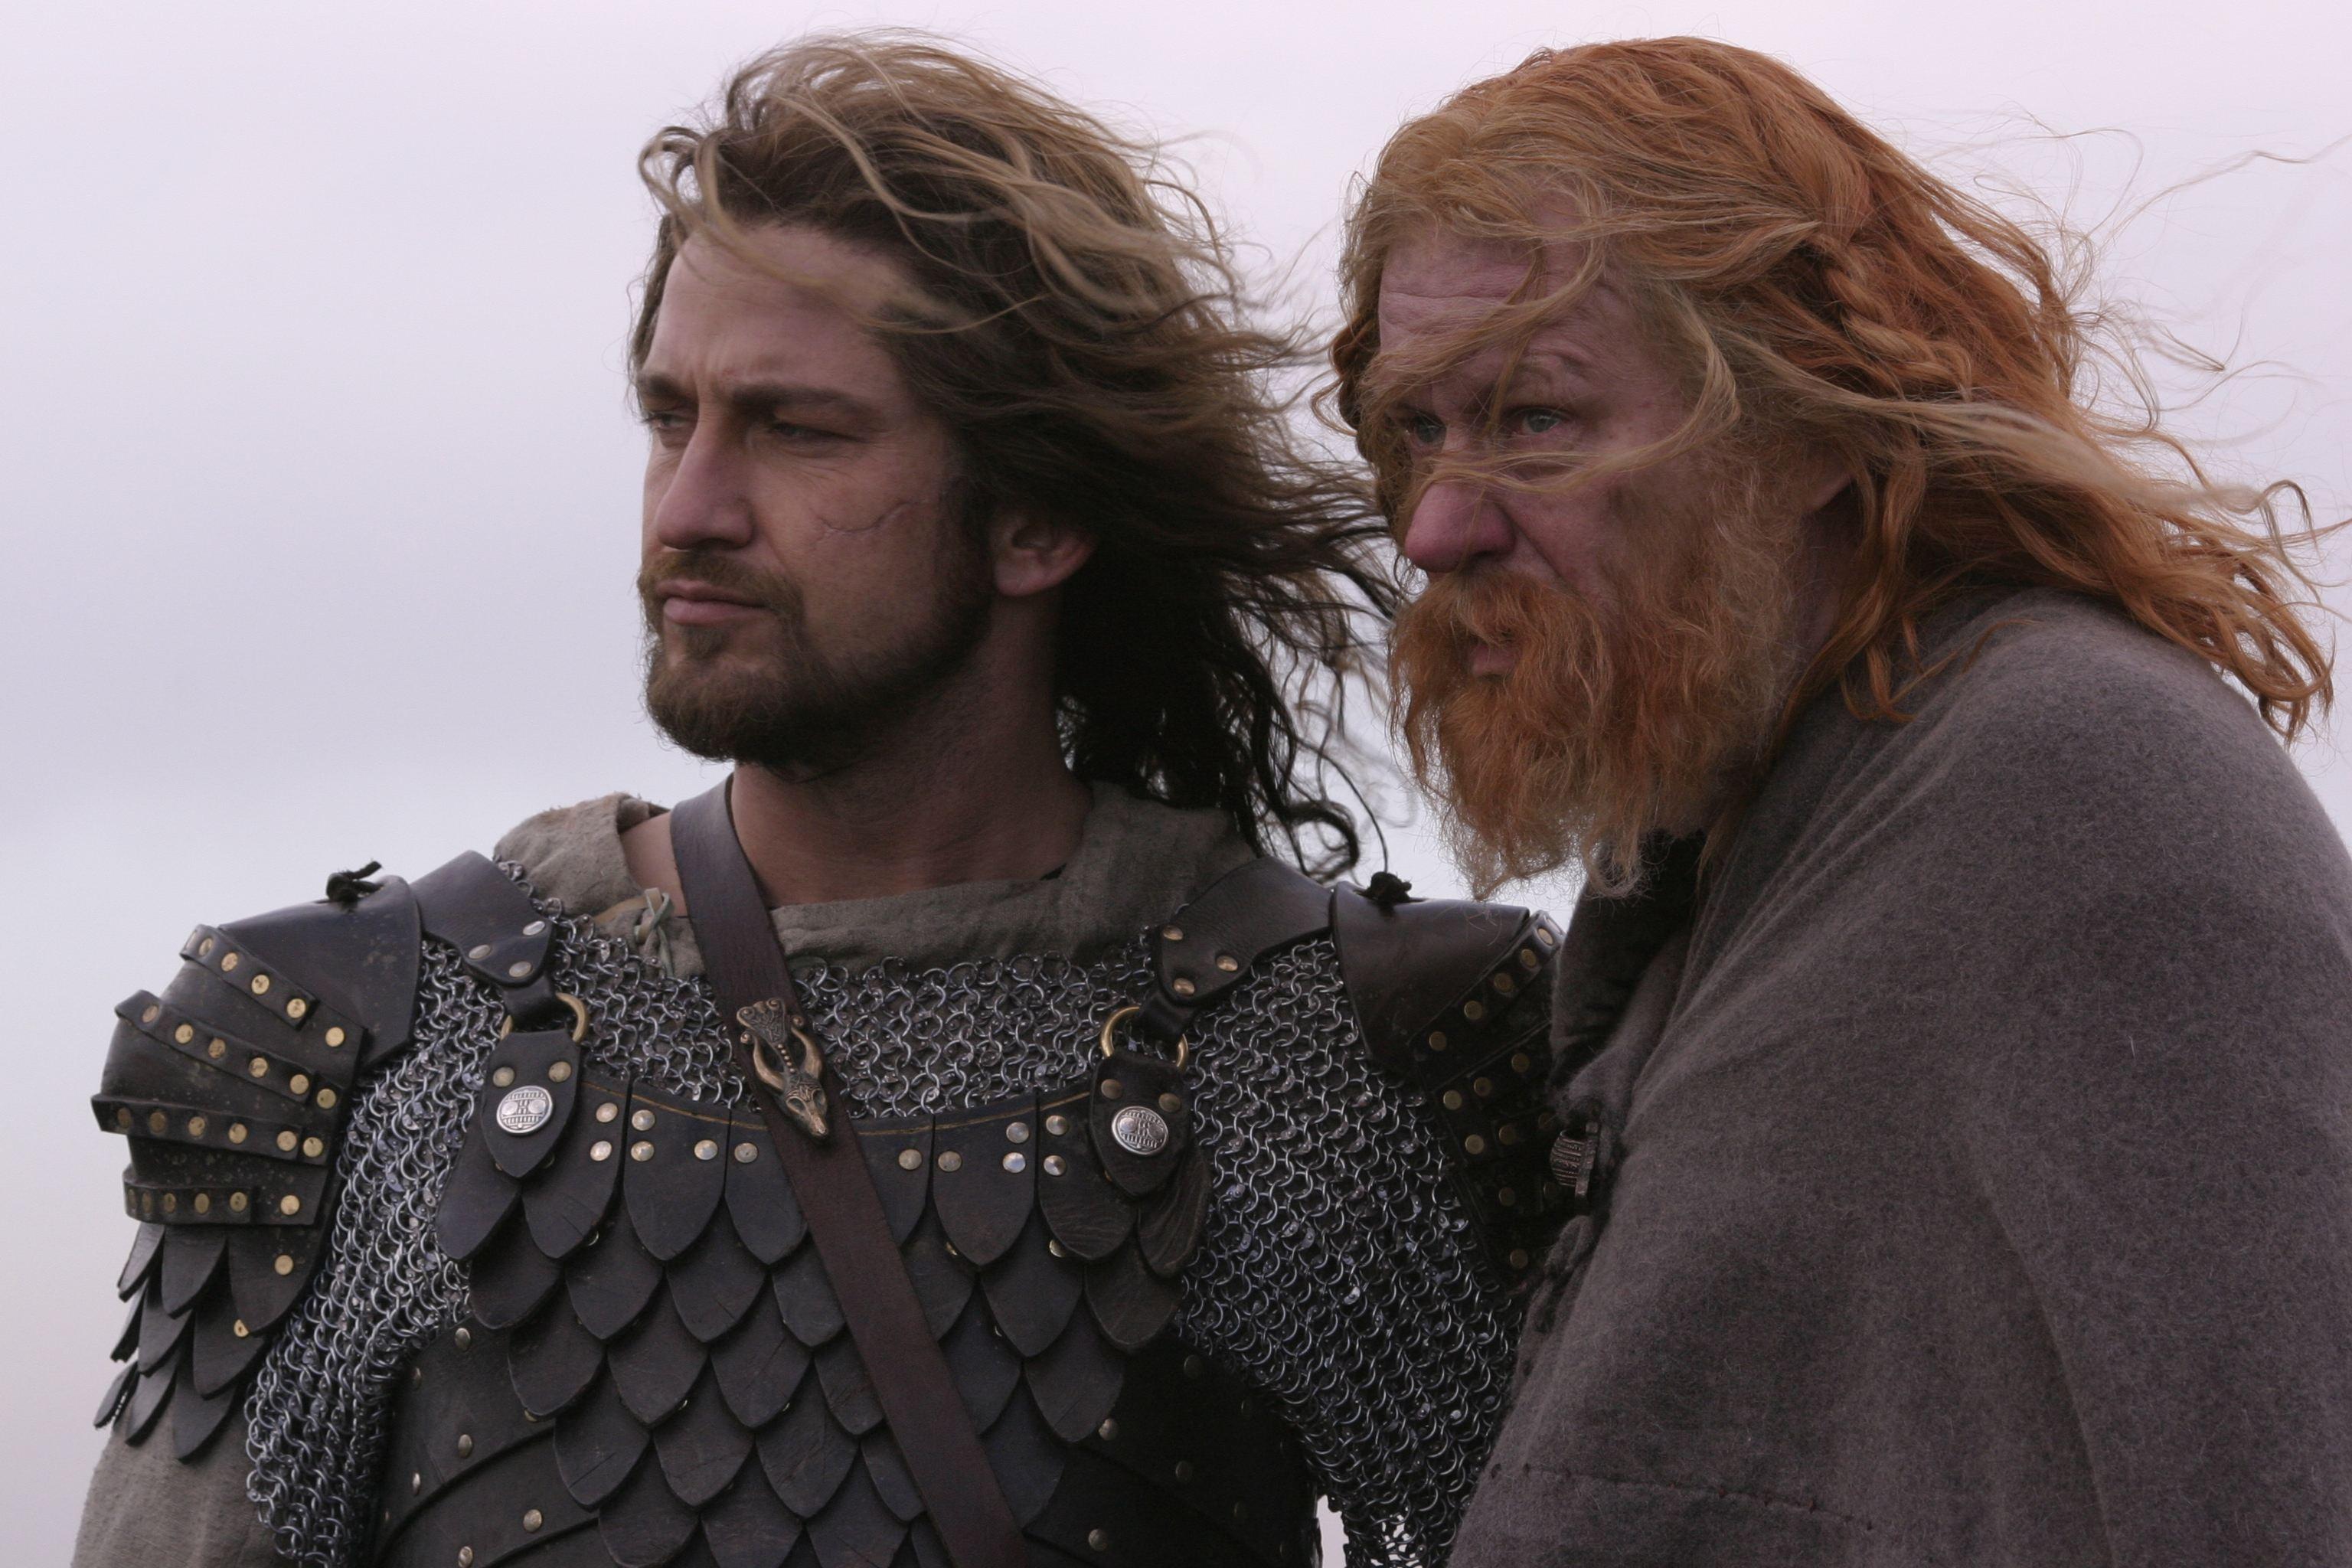 beowulf la légende viking